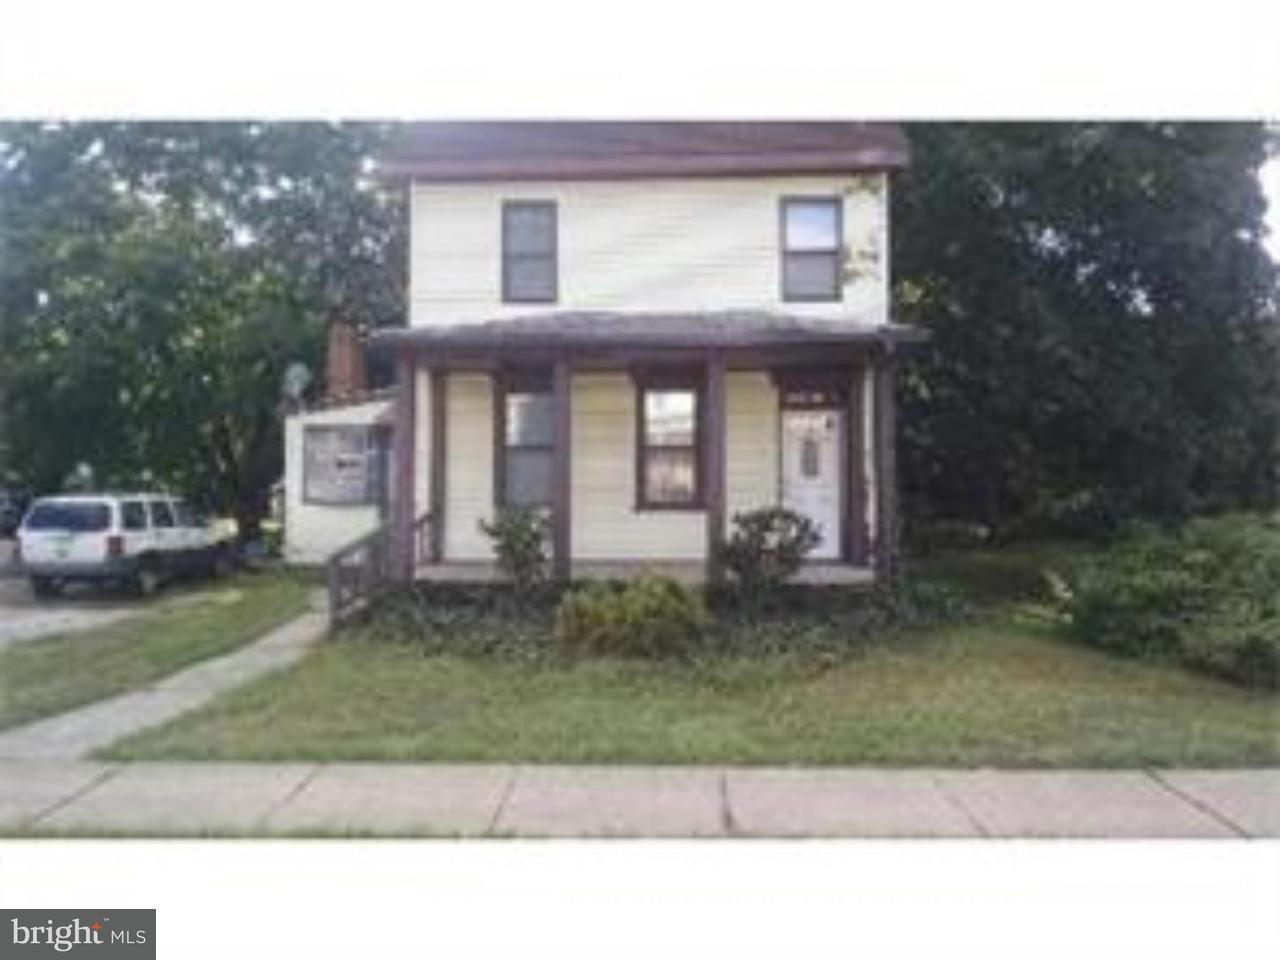 独户住宅 为 出租 在 317 N MAIN Street Glassboro, 新泽西州 08028 美国